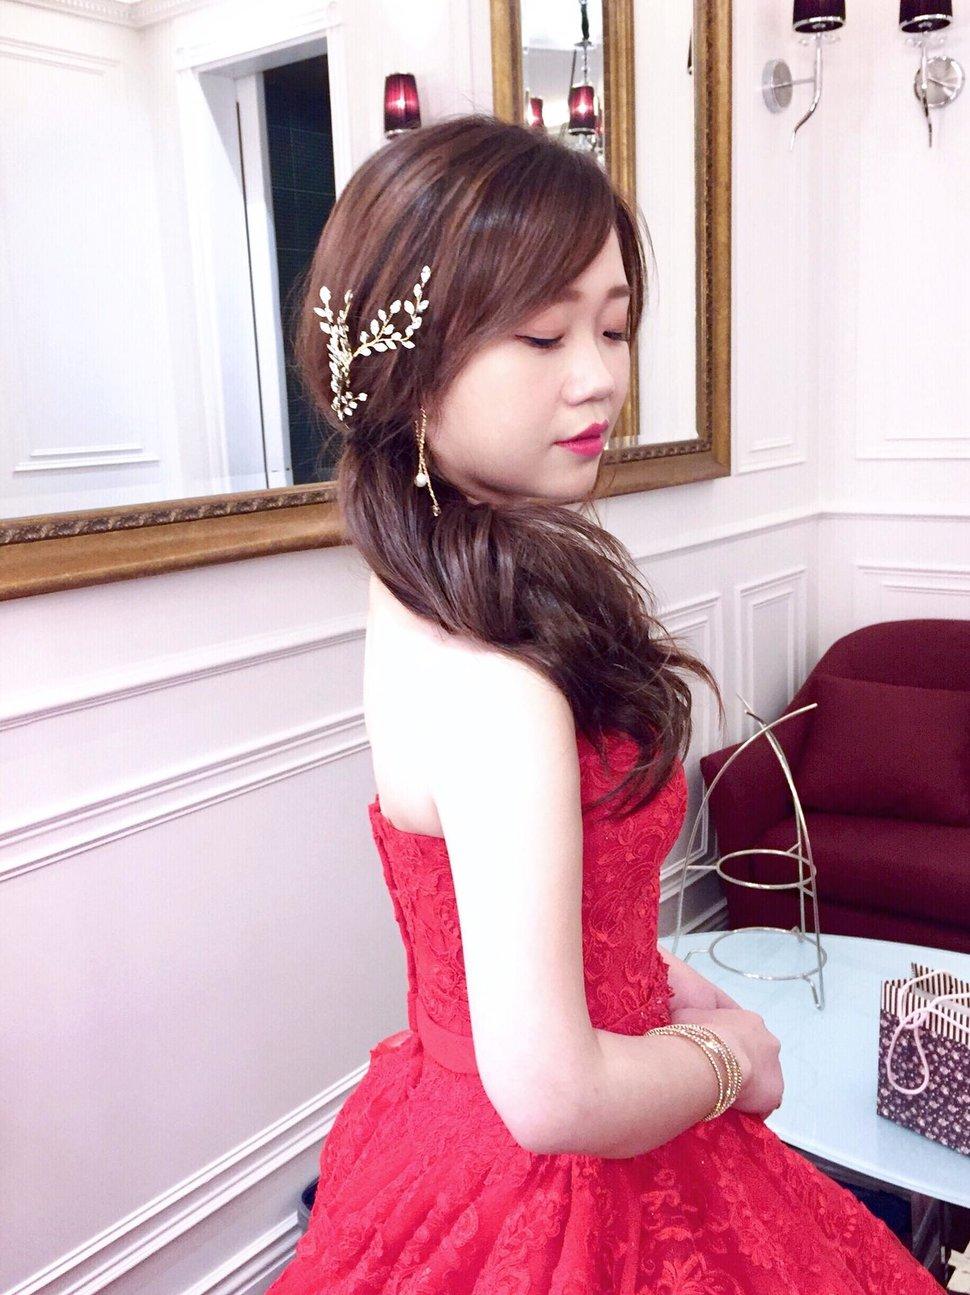 46100991_2191320190887052_7220499787387240448_o - Alice Bridal stylist《結婚吧》